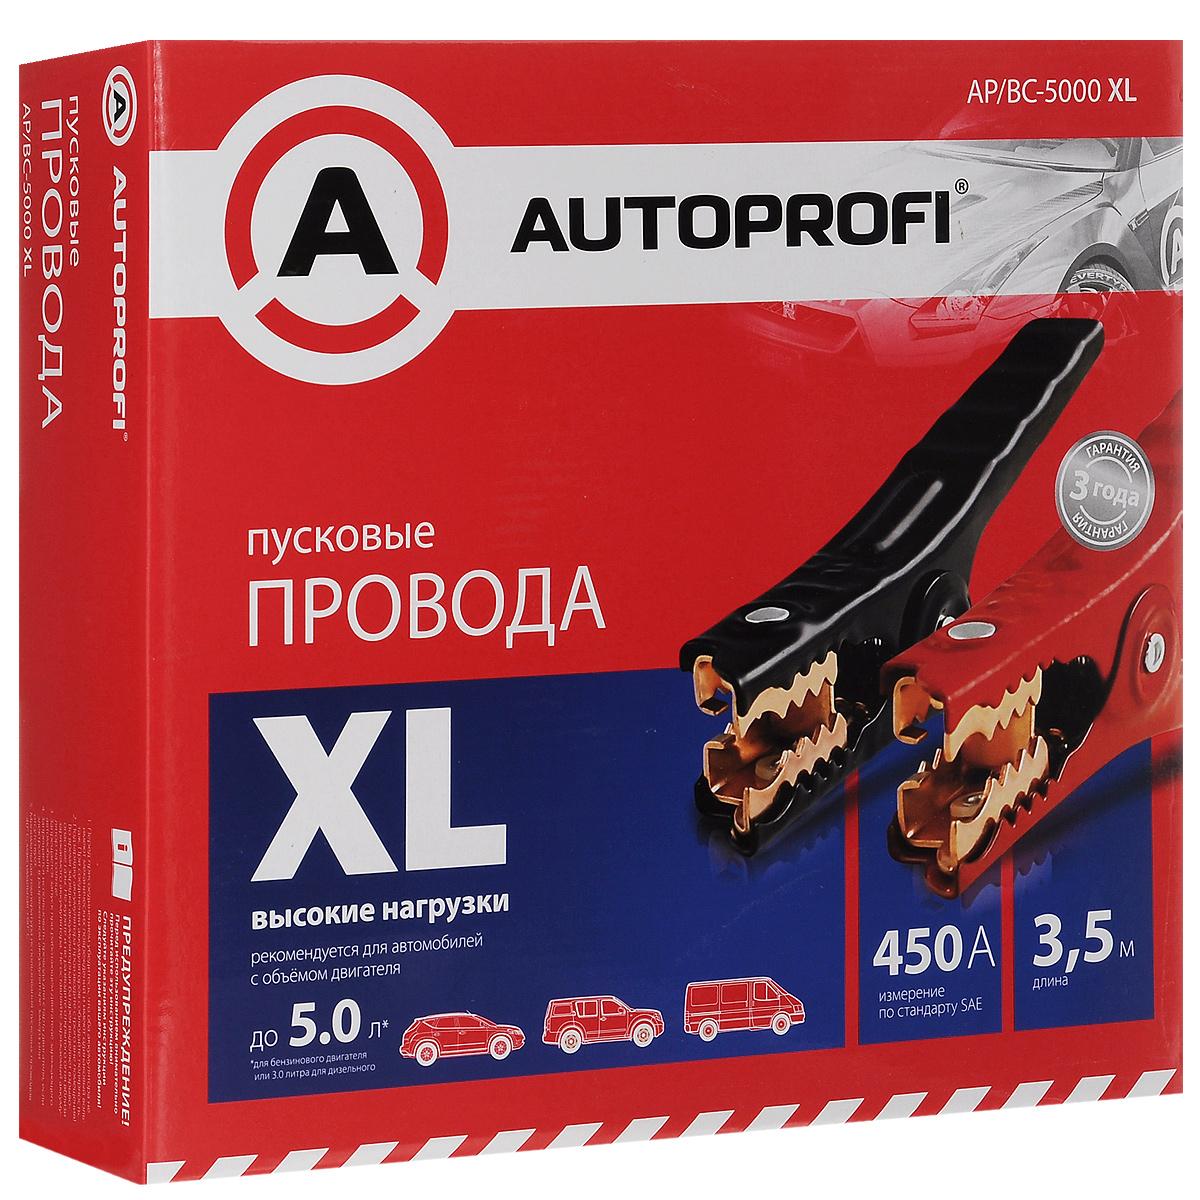 Провода пусковые Autoprofi XL, высокие нагрузки, 21,15 мм2, 450 A, 3,5 м цена